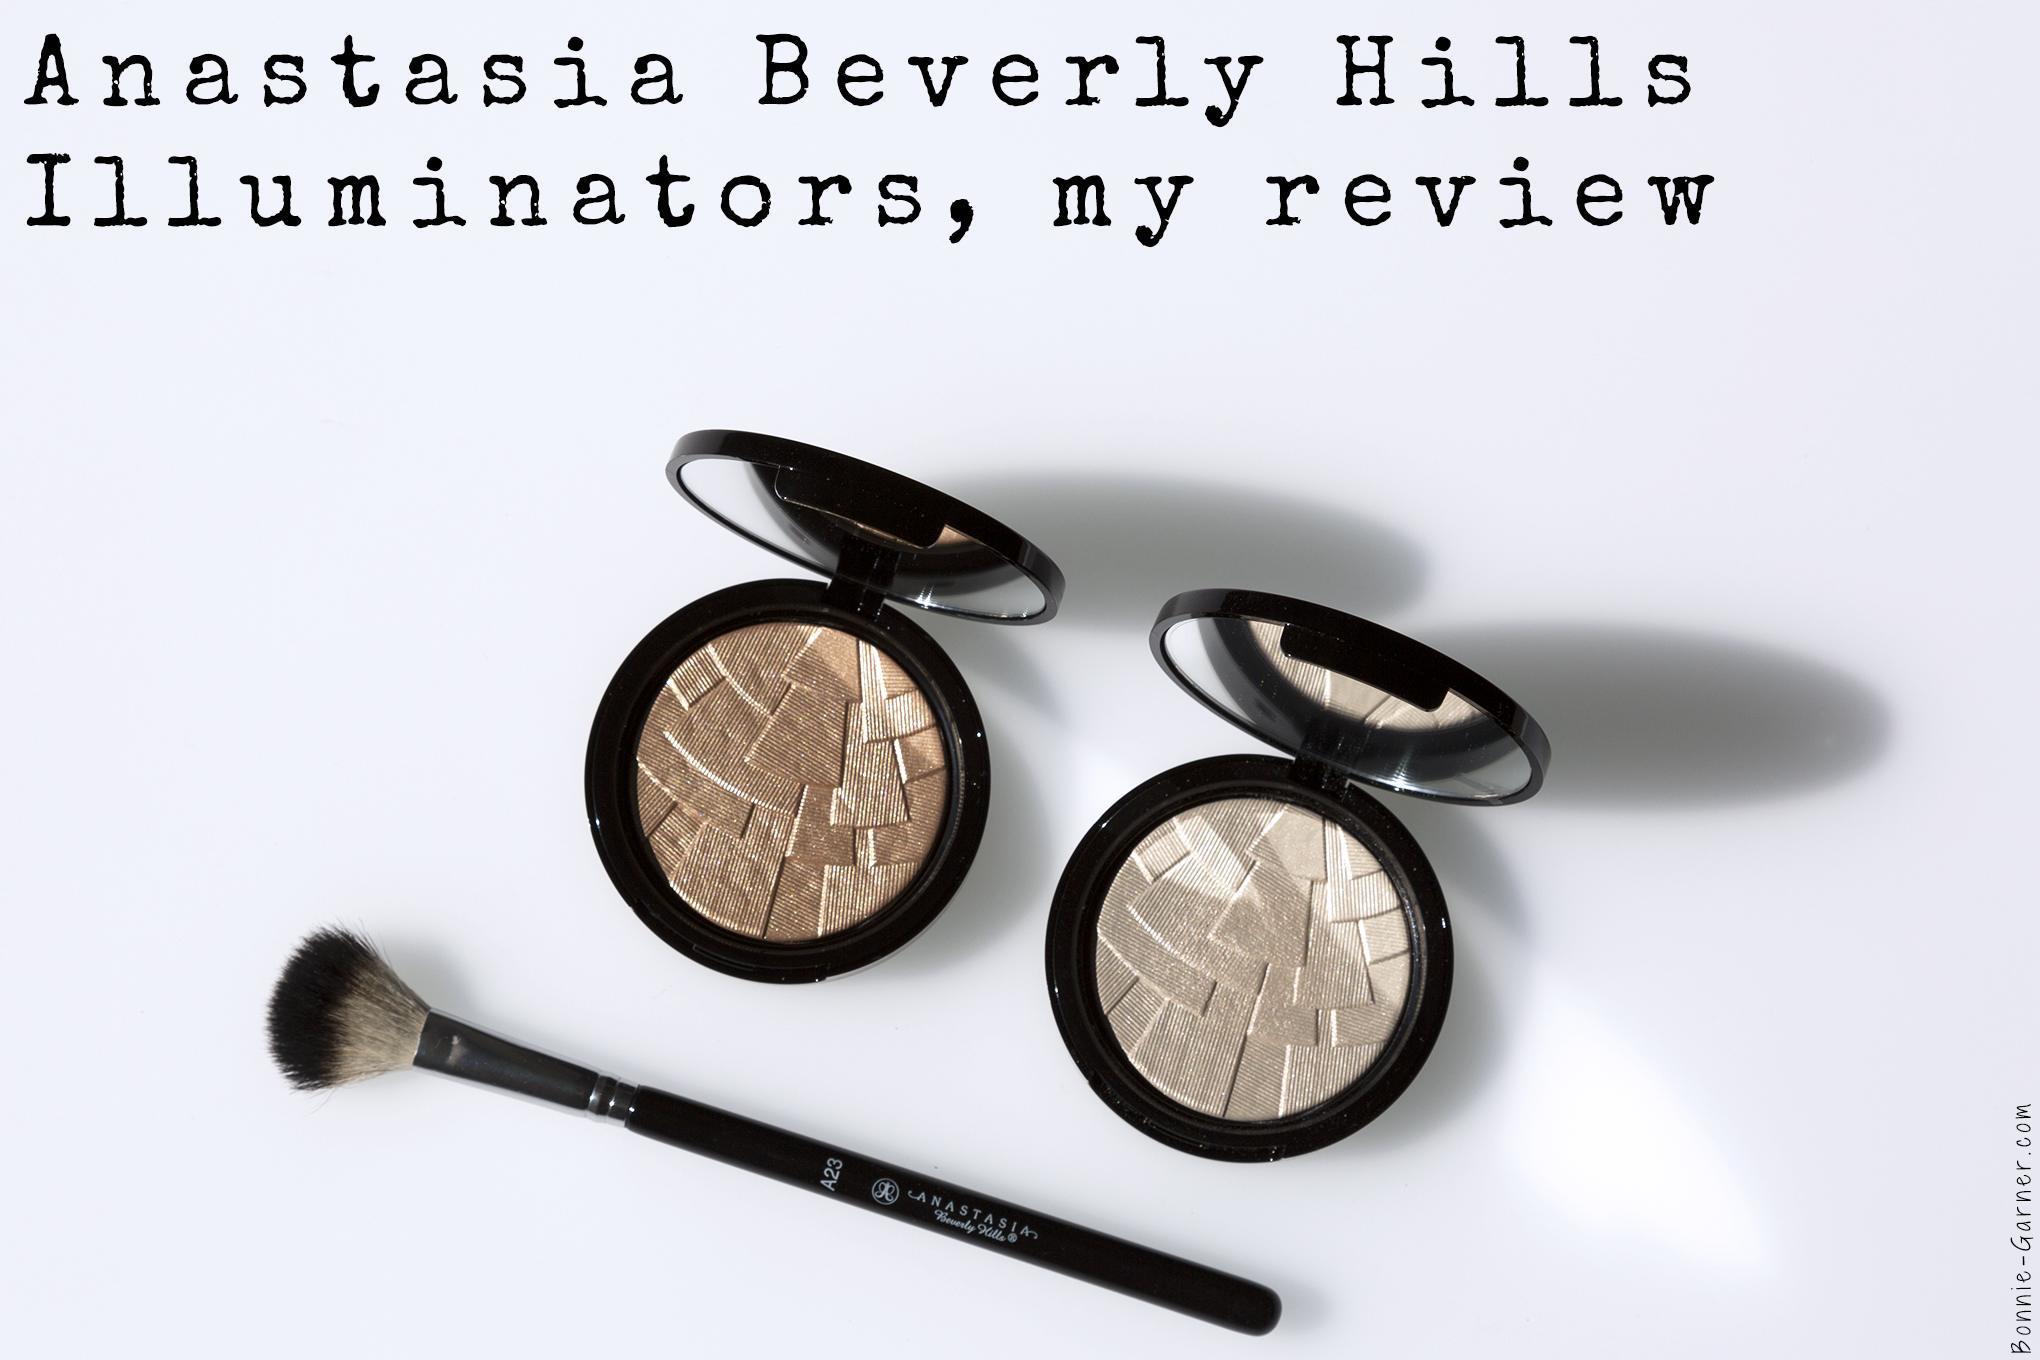 Anastasia Beverly Hills Illuminators, my review